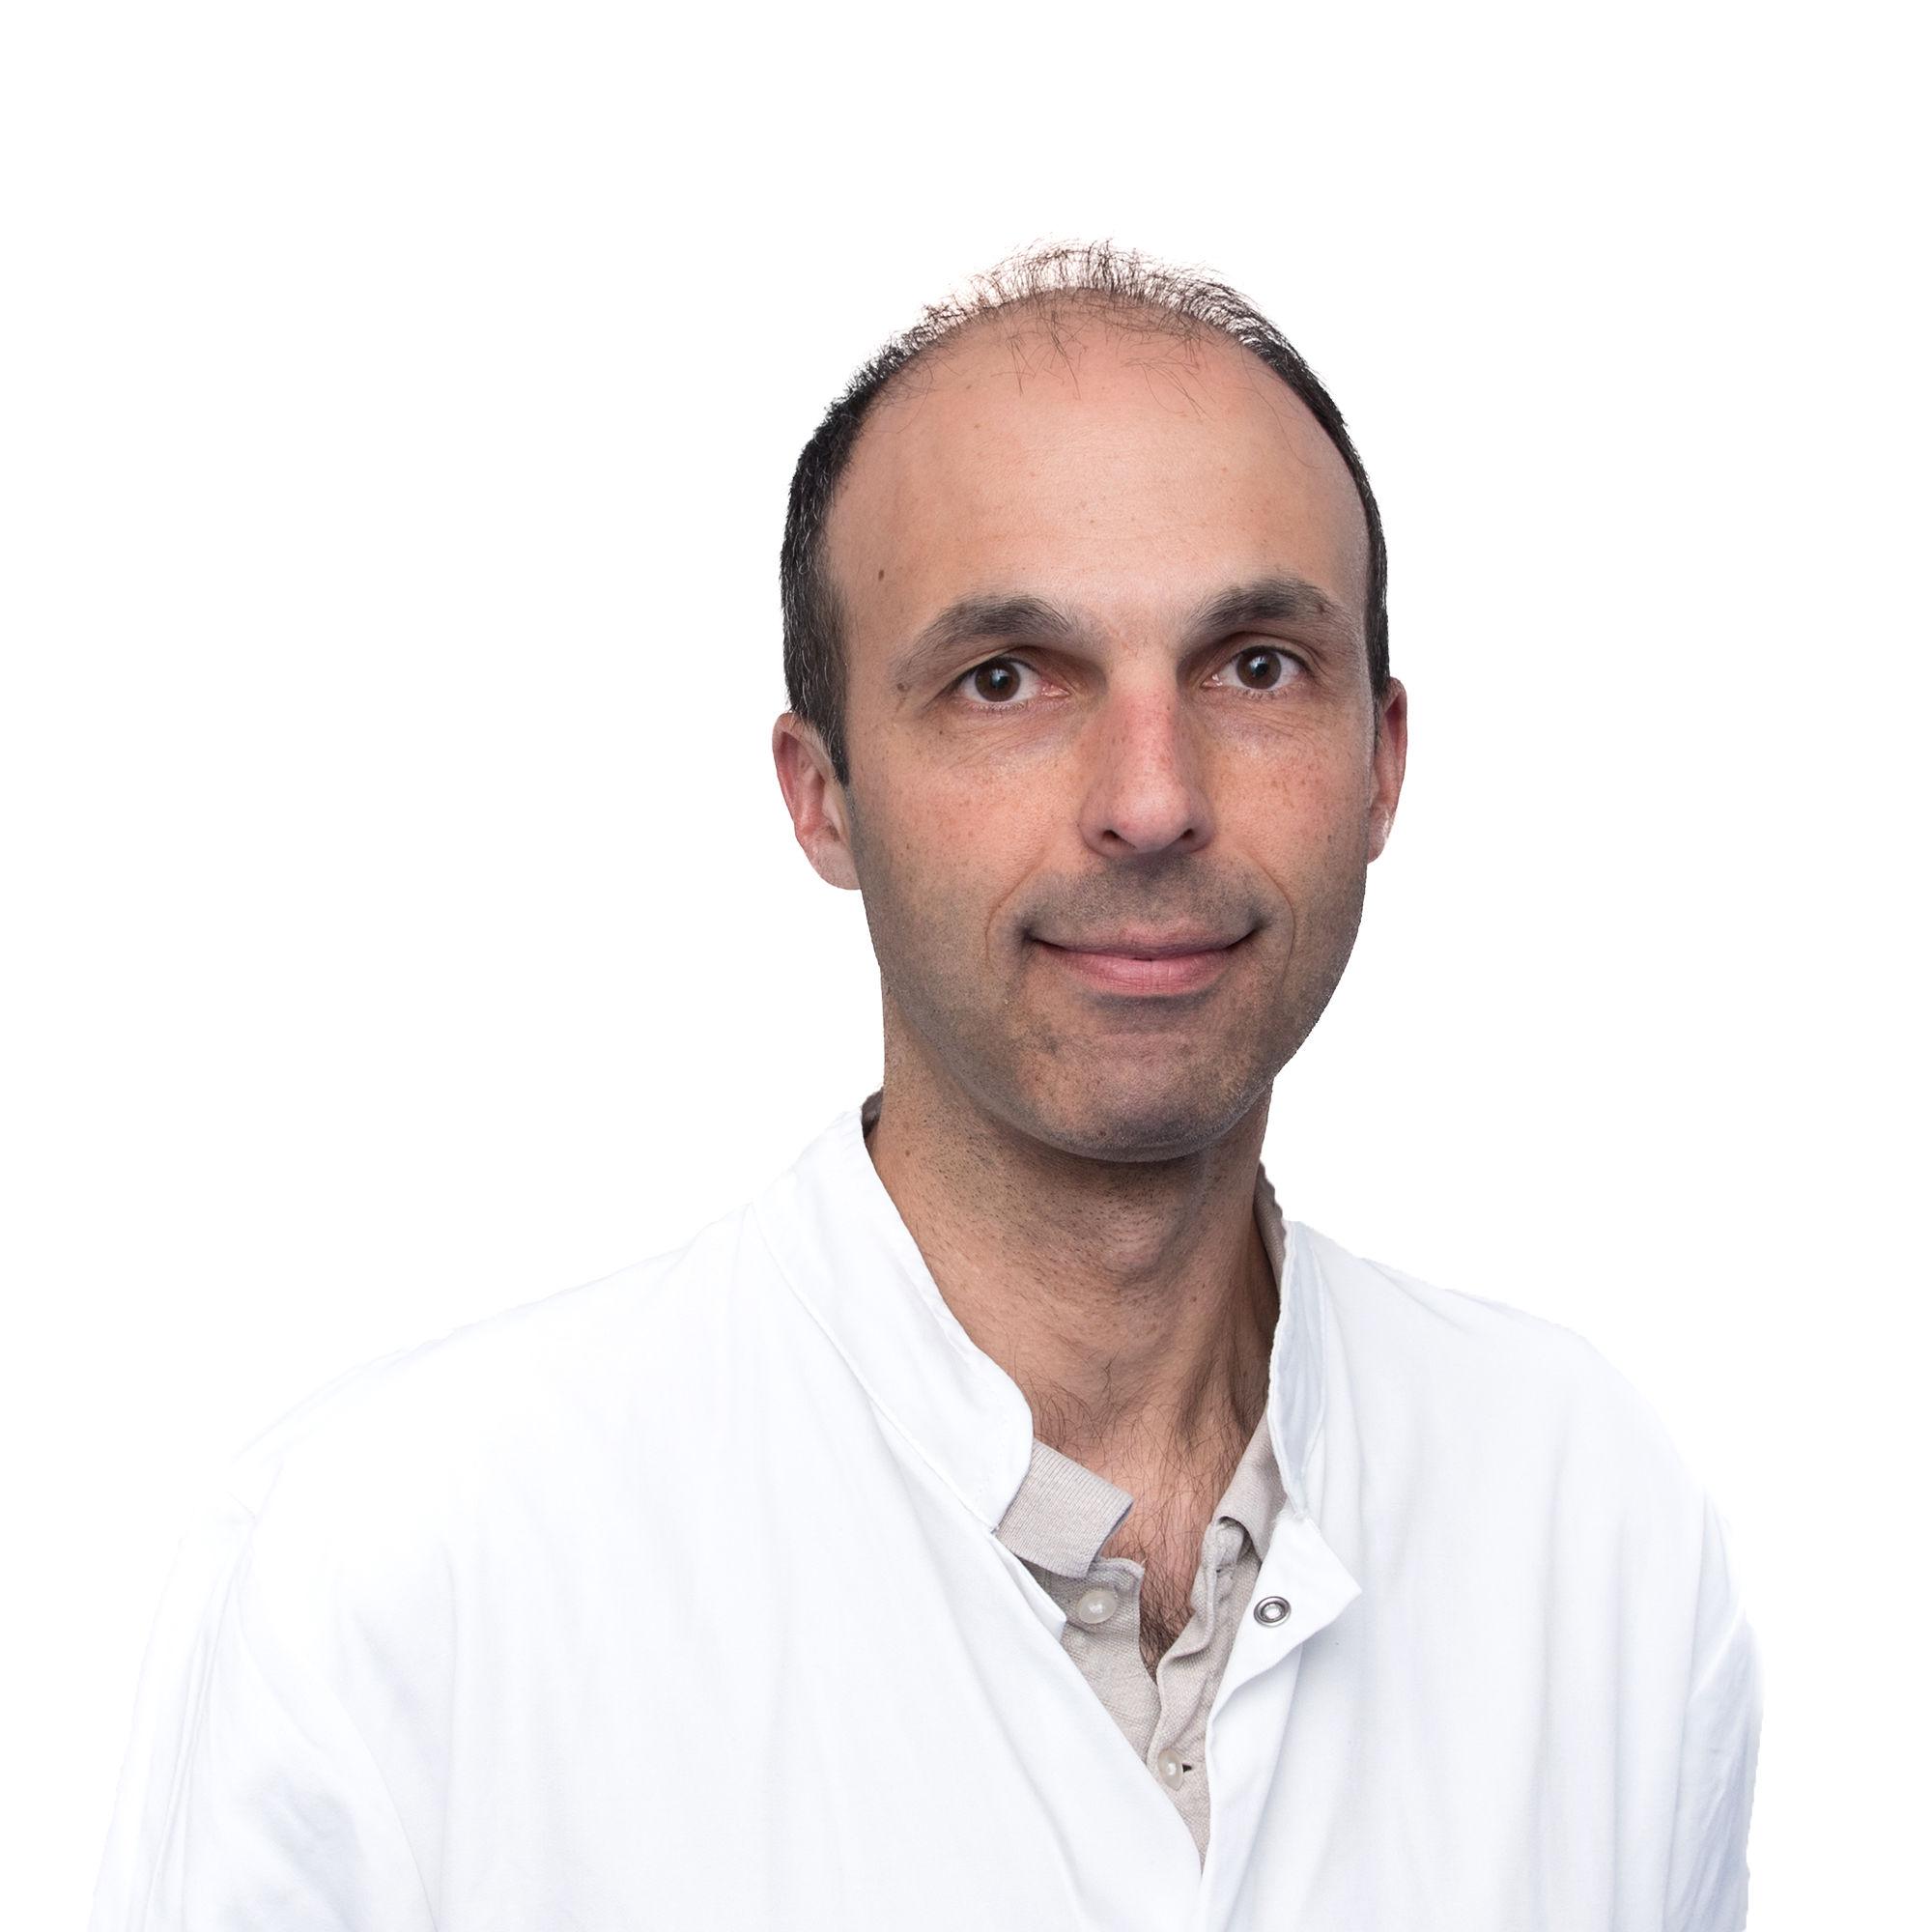 Terrefort - Imagerie médicale - Docteur Esperabe-Vignau